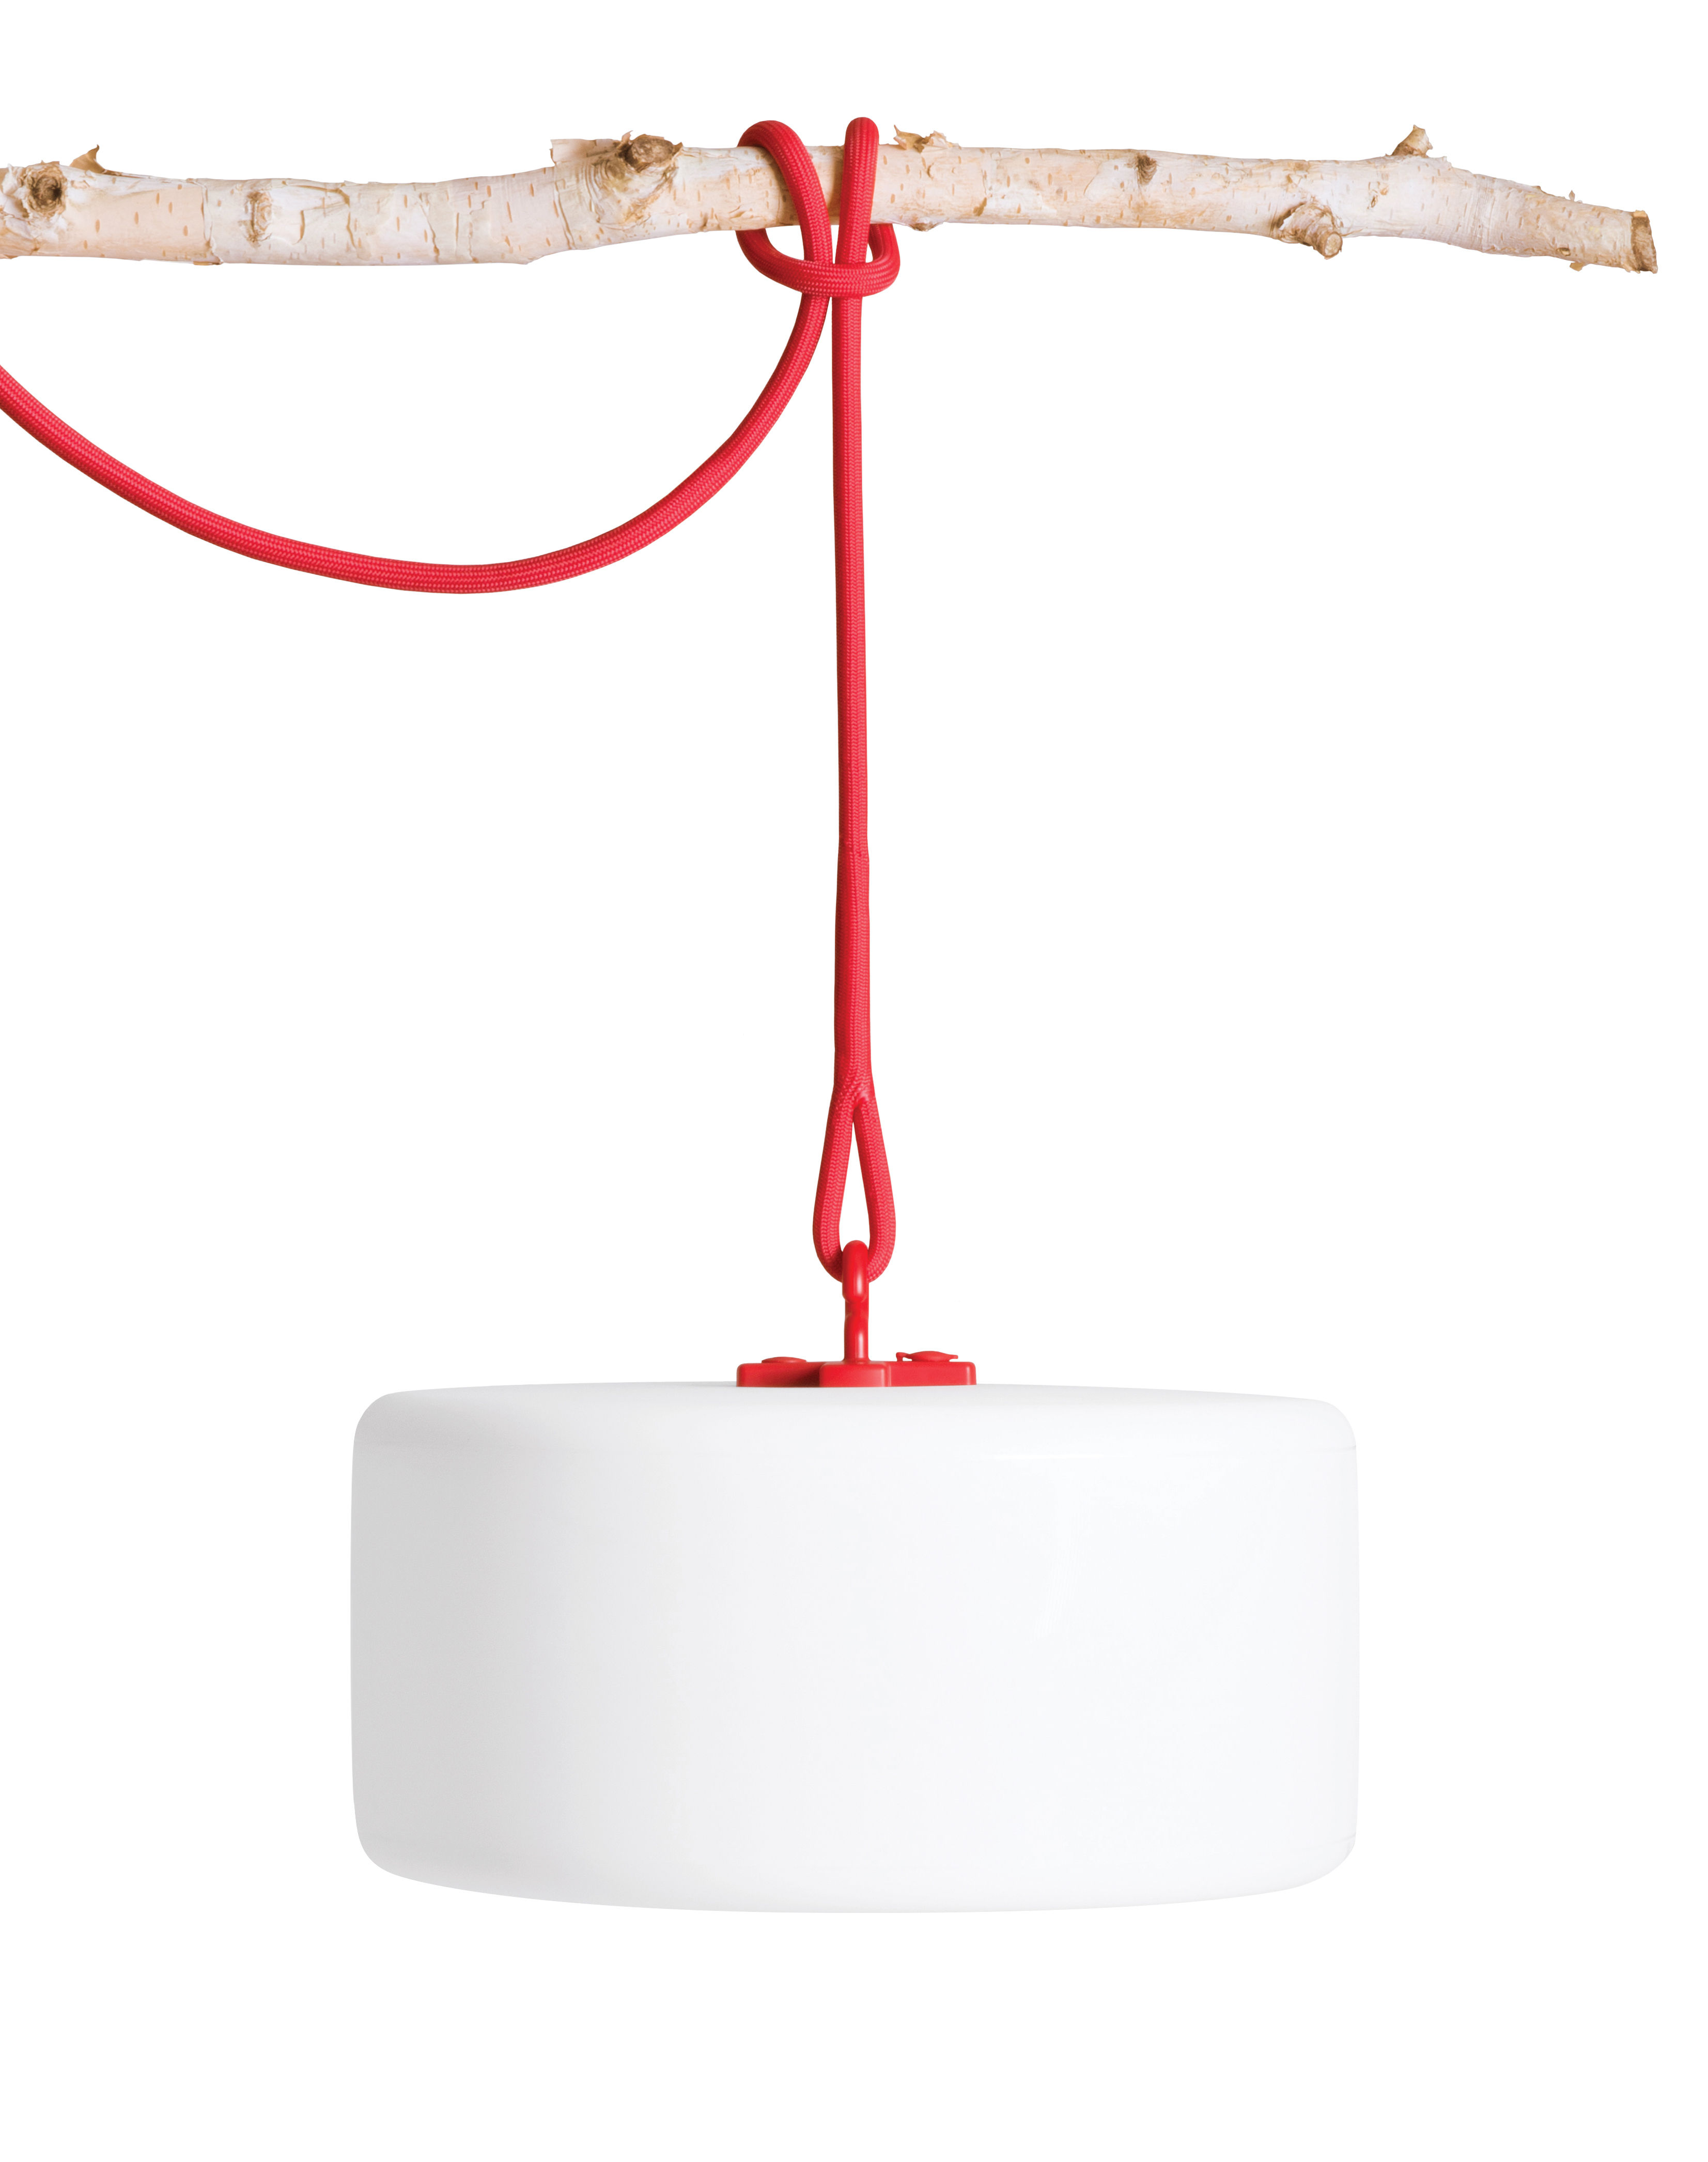 Luminaire - Lampes de table - Lampe sans fil Thierry Le swinger LED / Baladeuse à poser, suspendre ou planter - Fatboy - Rouge & blanc / Bois - Polyéthylène, Silicone